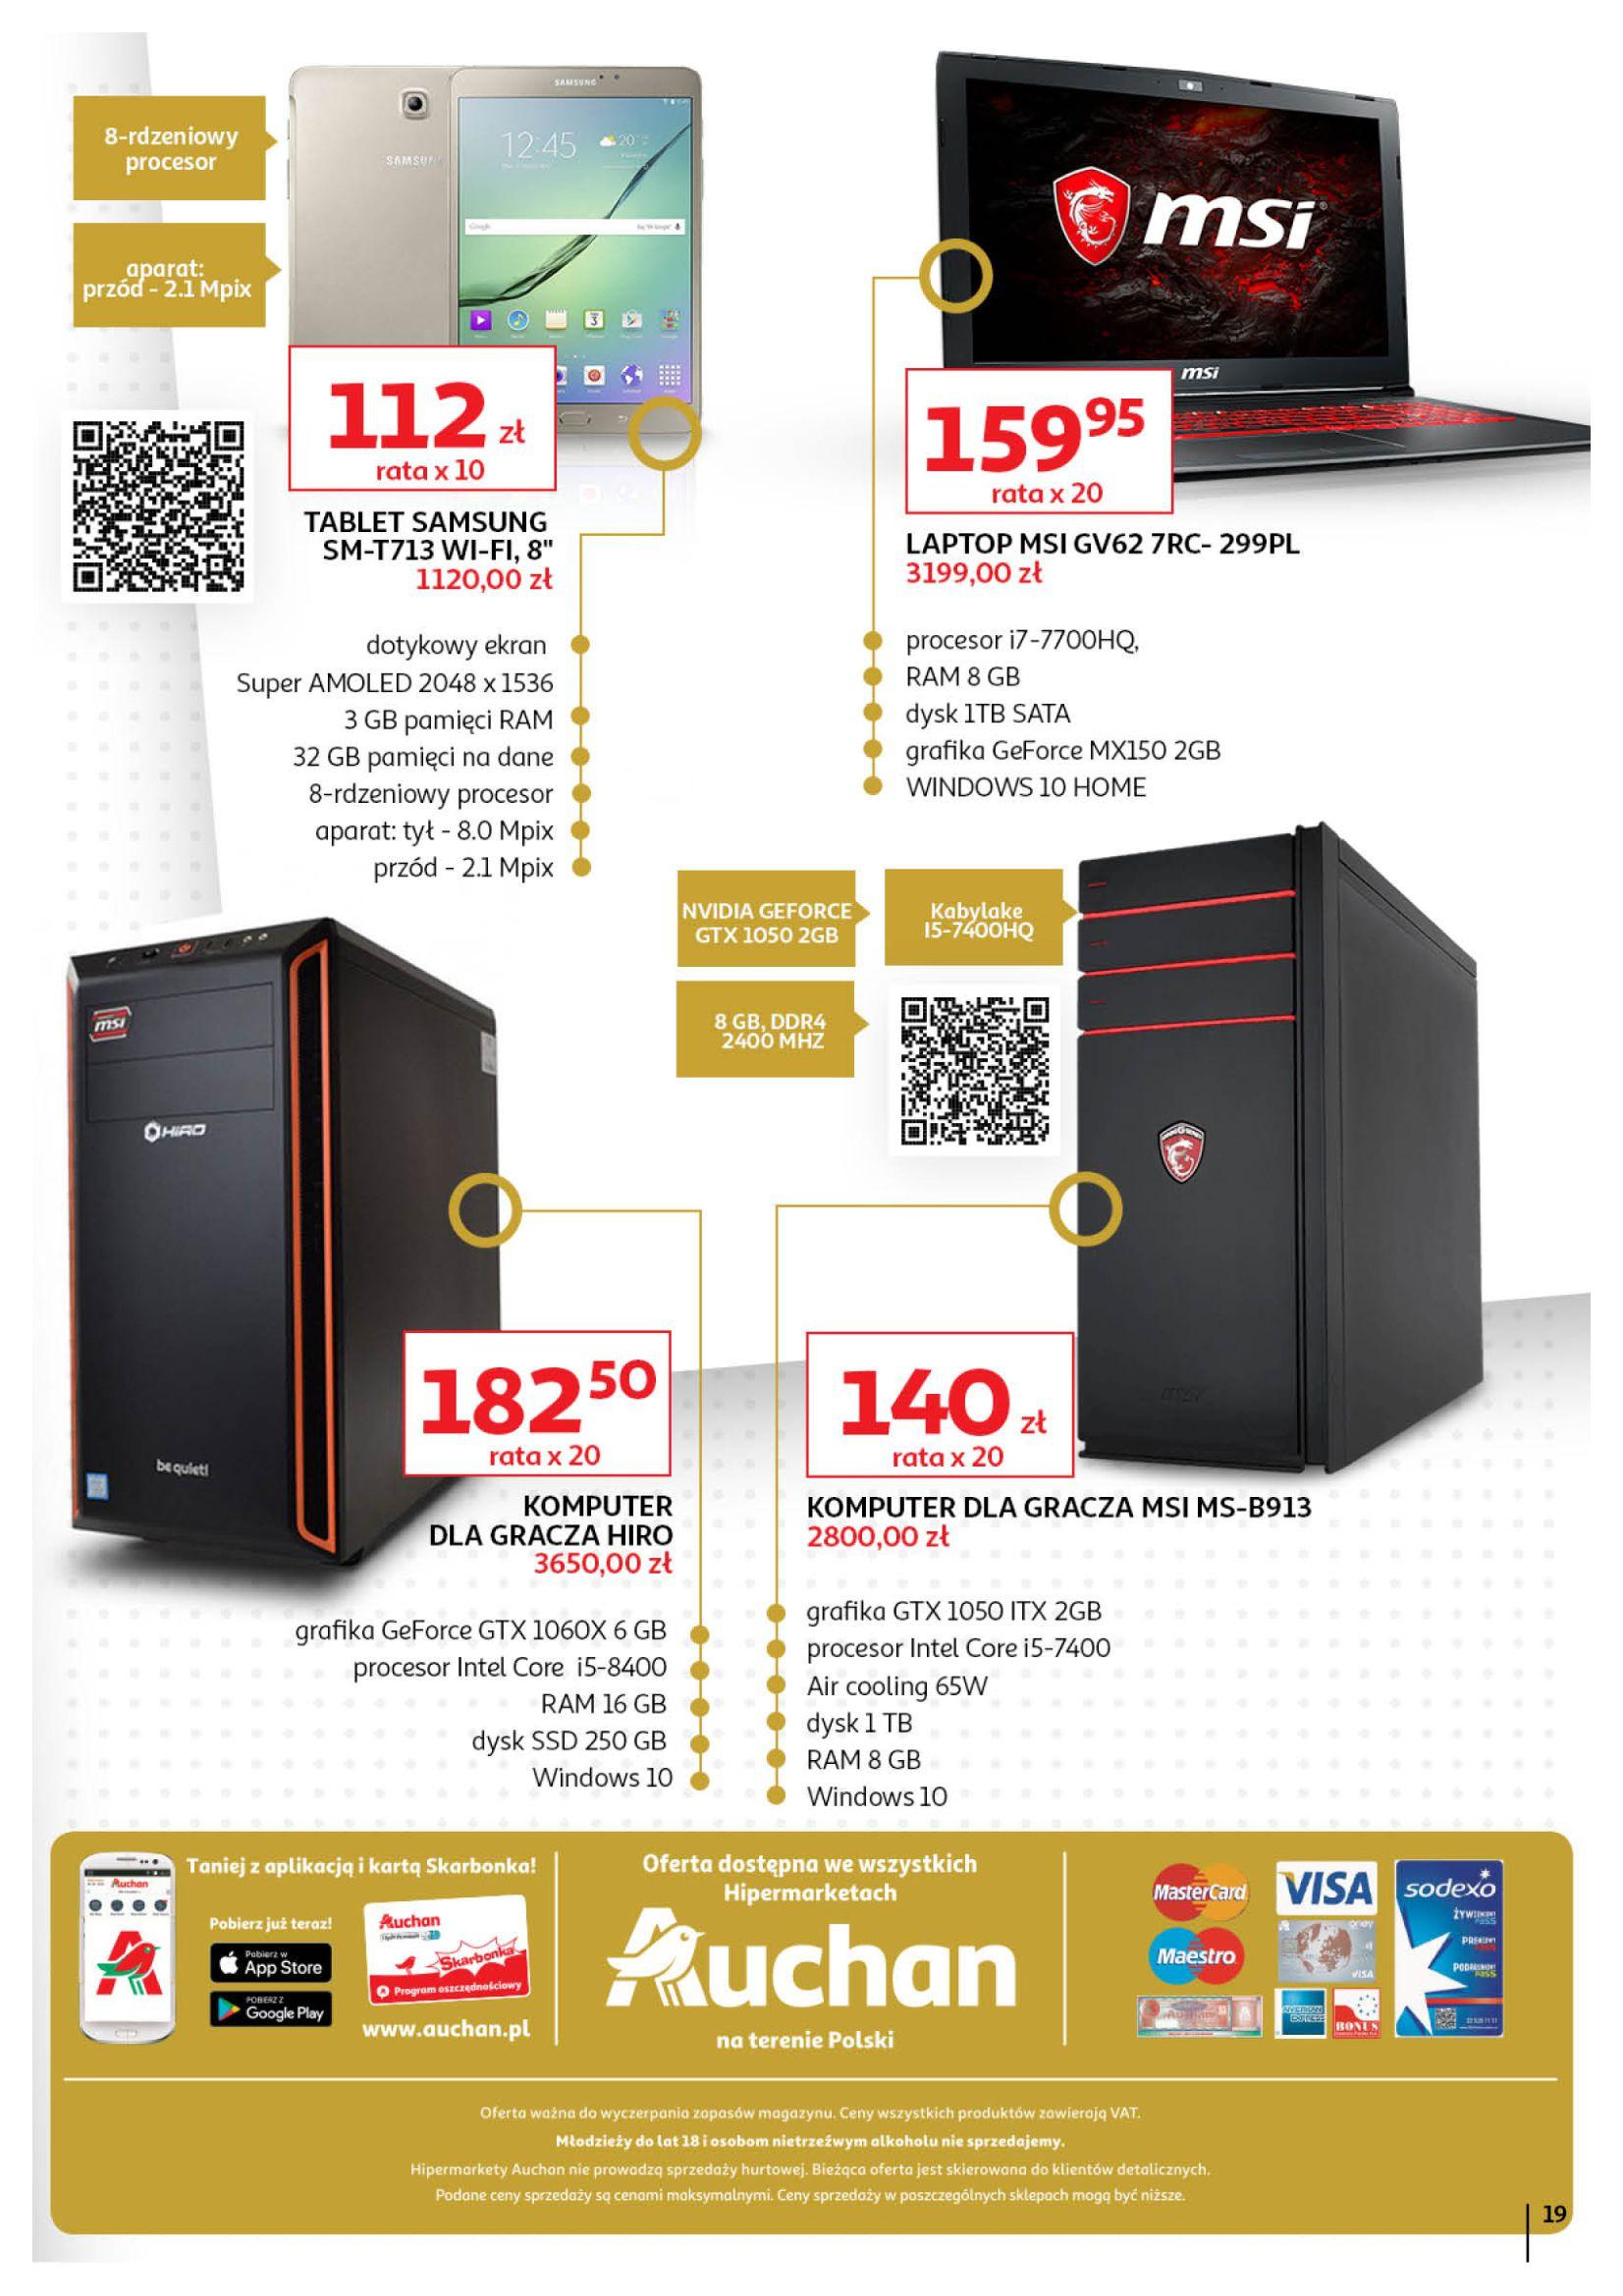 Gazetka Auchan - Oferta Auchan Premium Hipermarkety-01.11.2019-27.11.2019-page-19